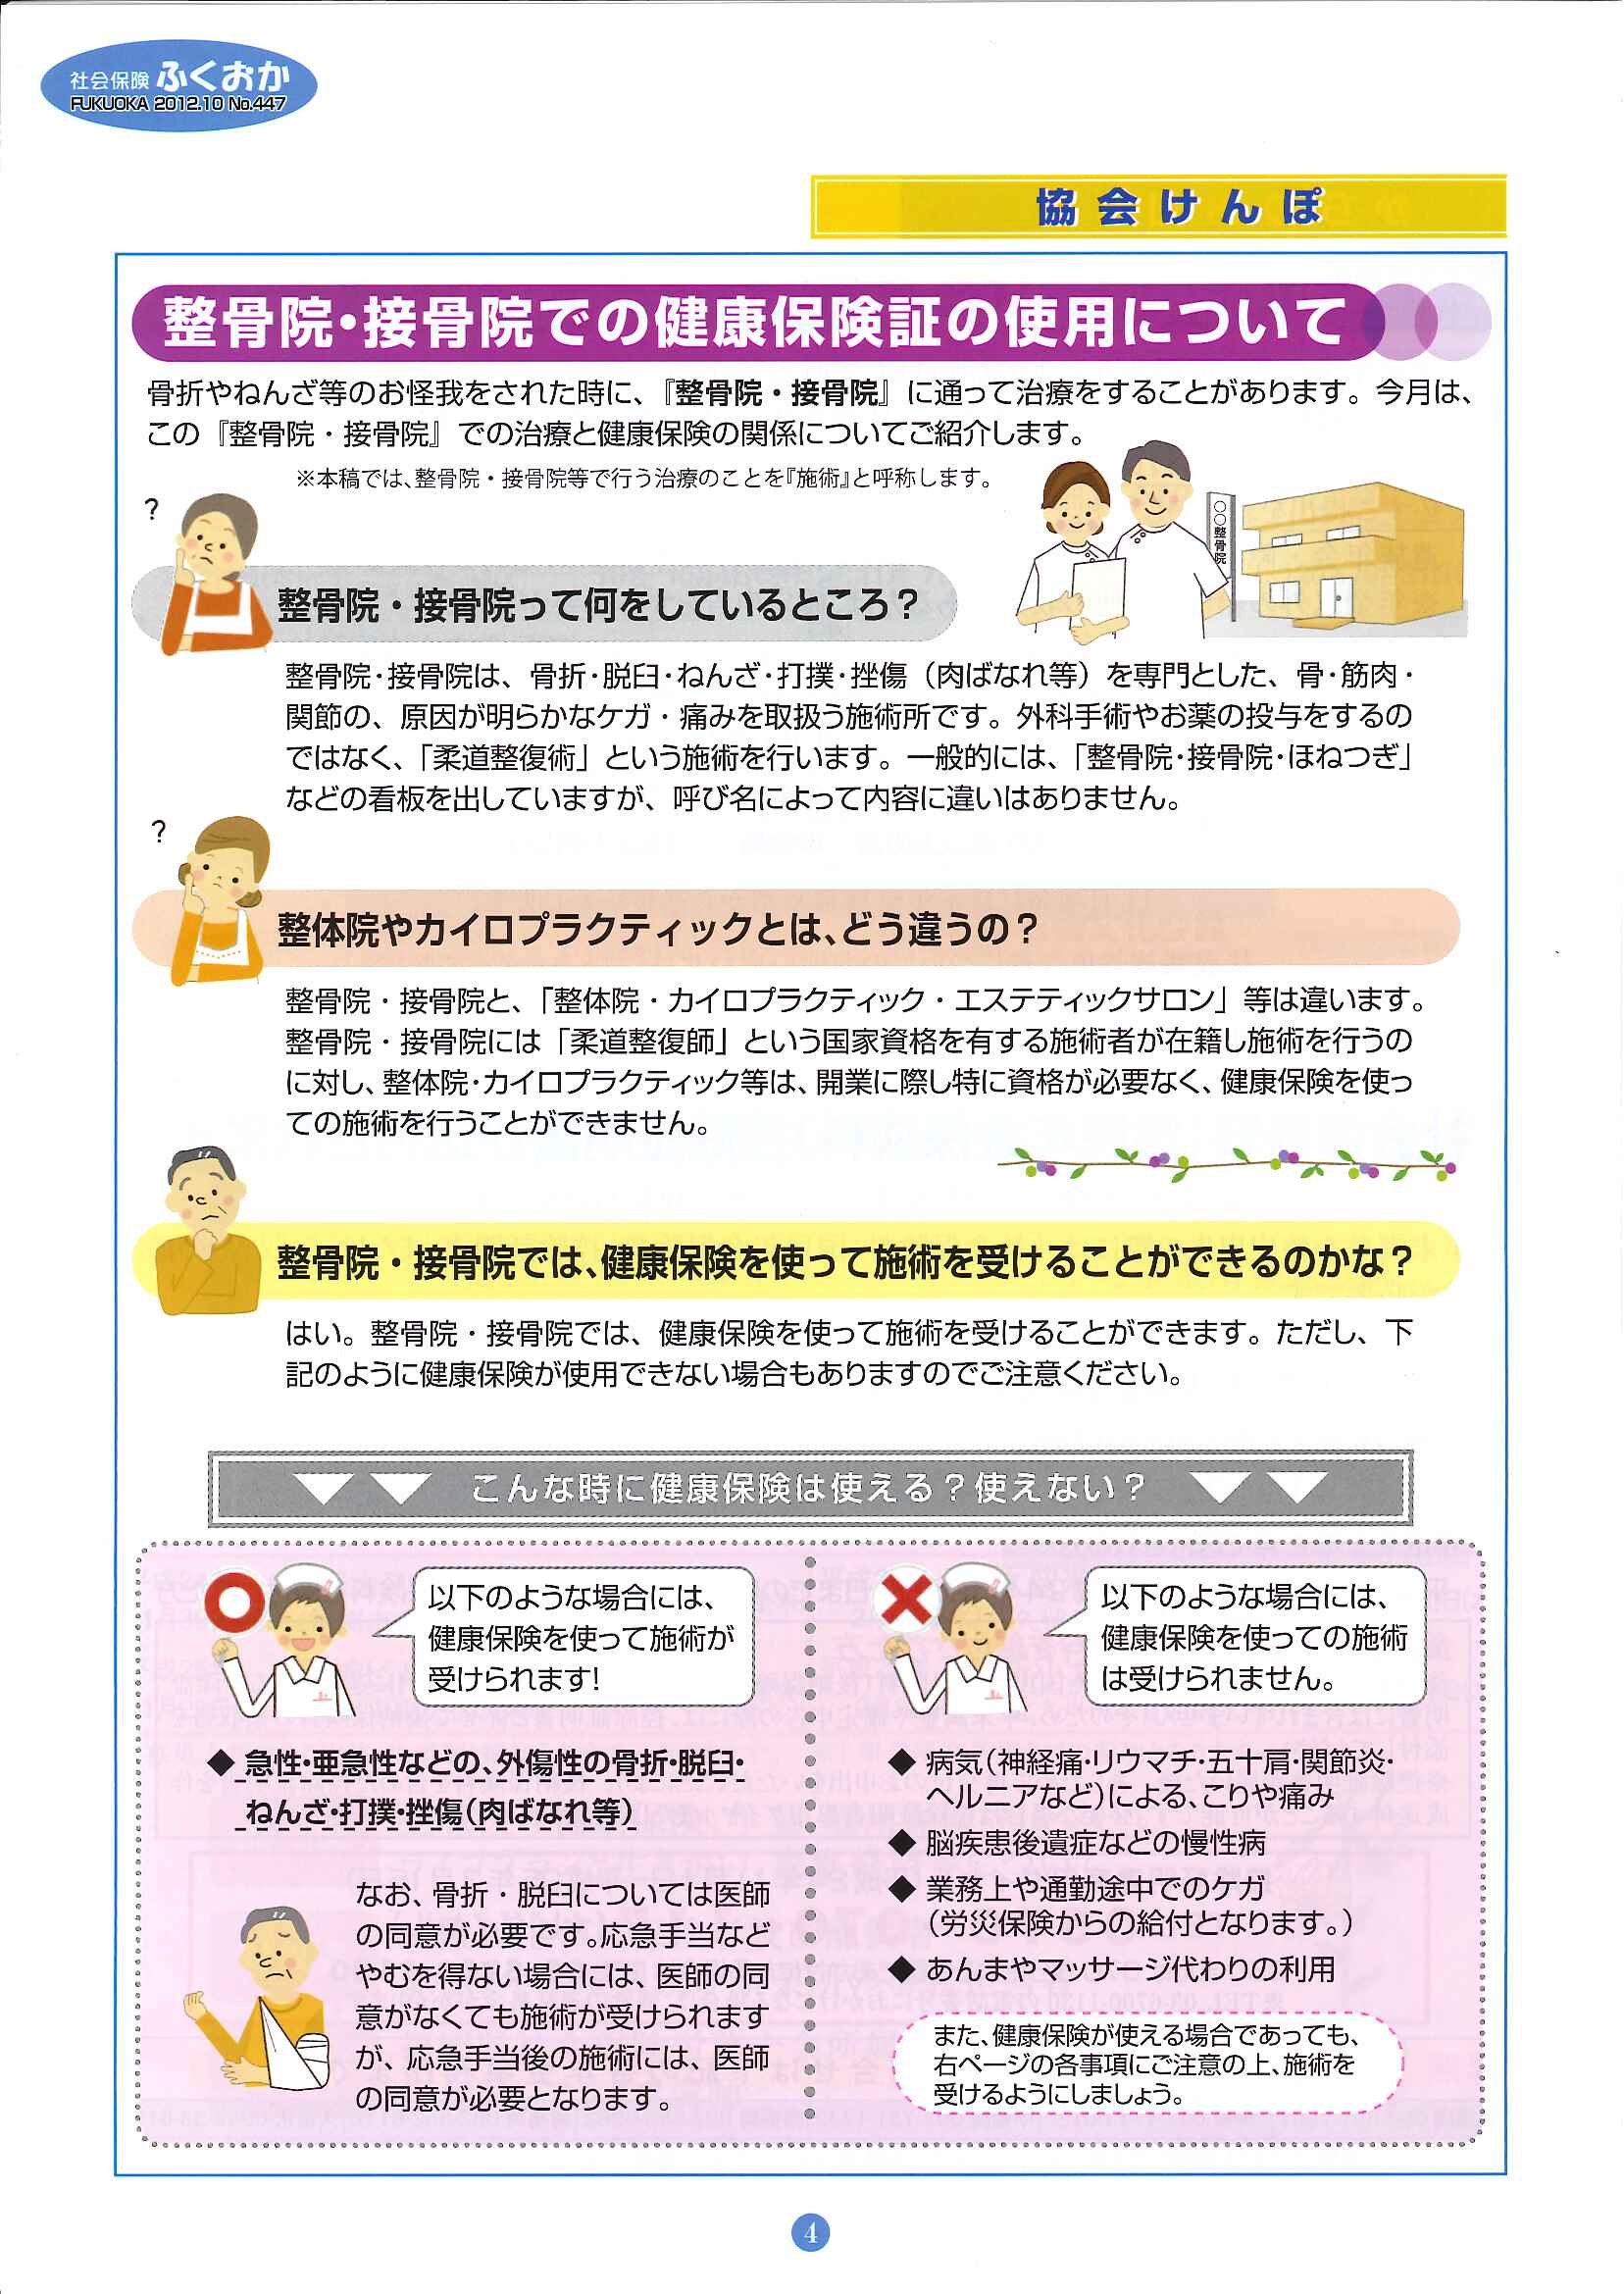 社会保険 ふくおか 2012 10月号_f0120774_1351896.jpg